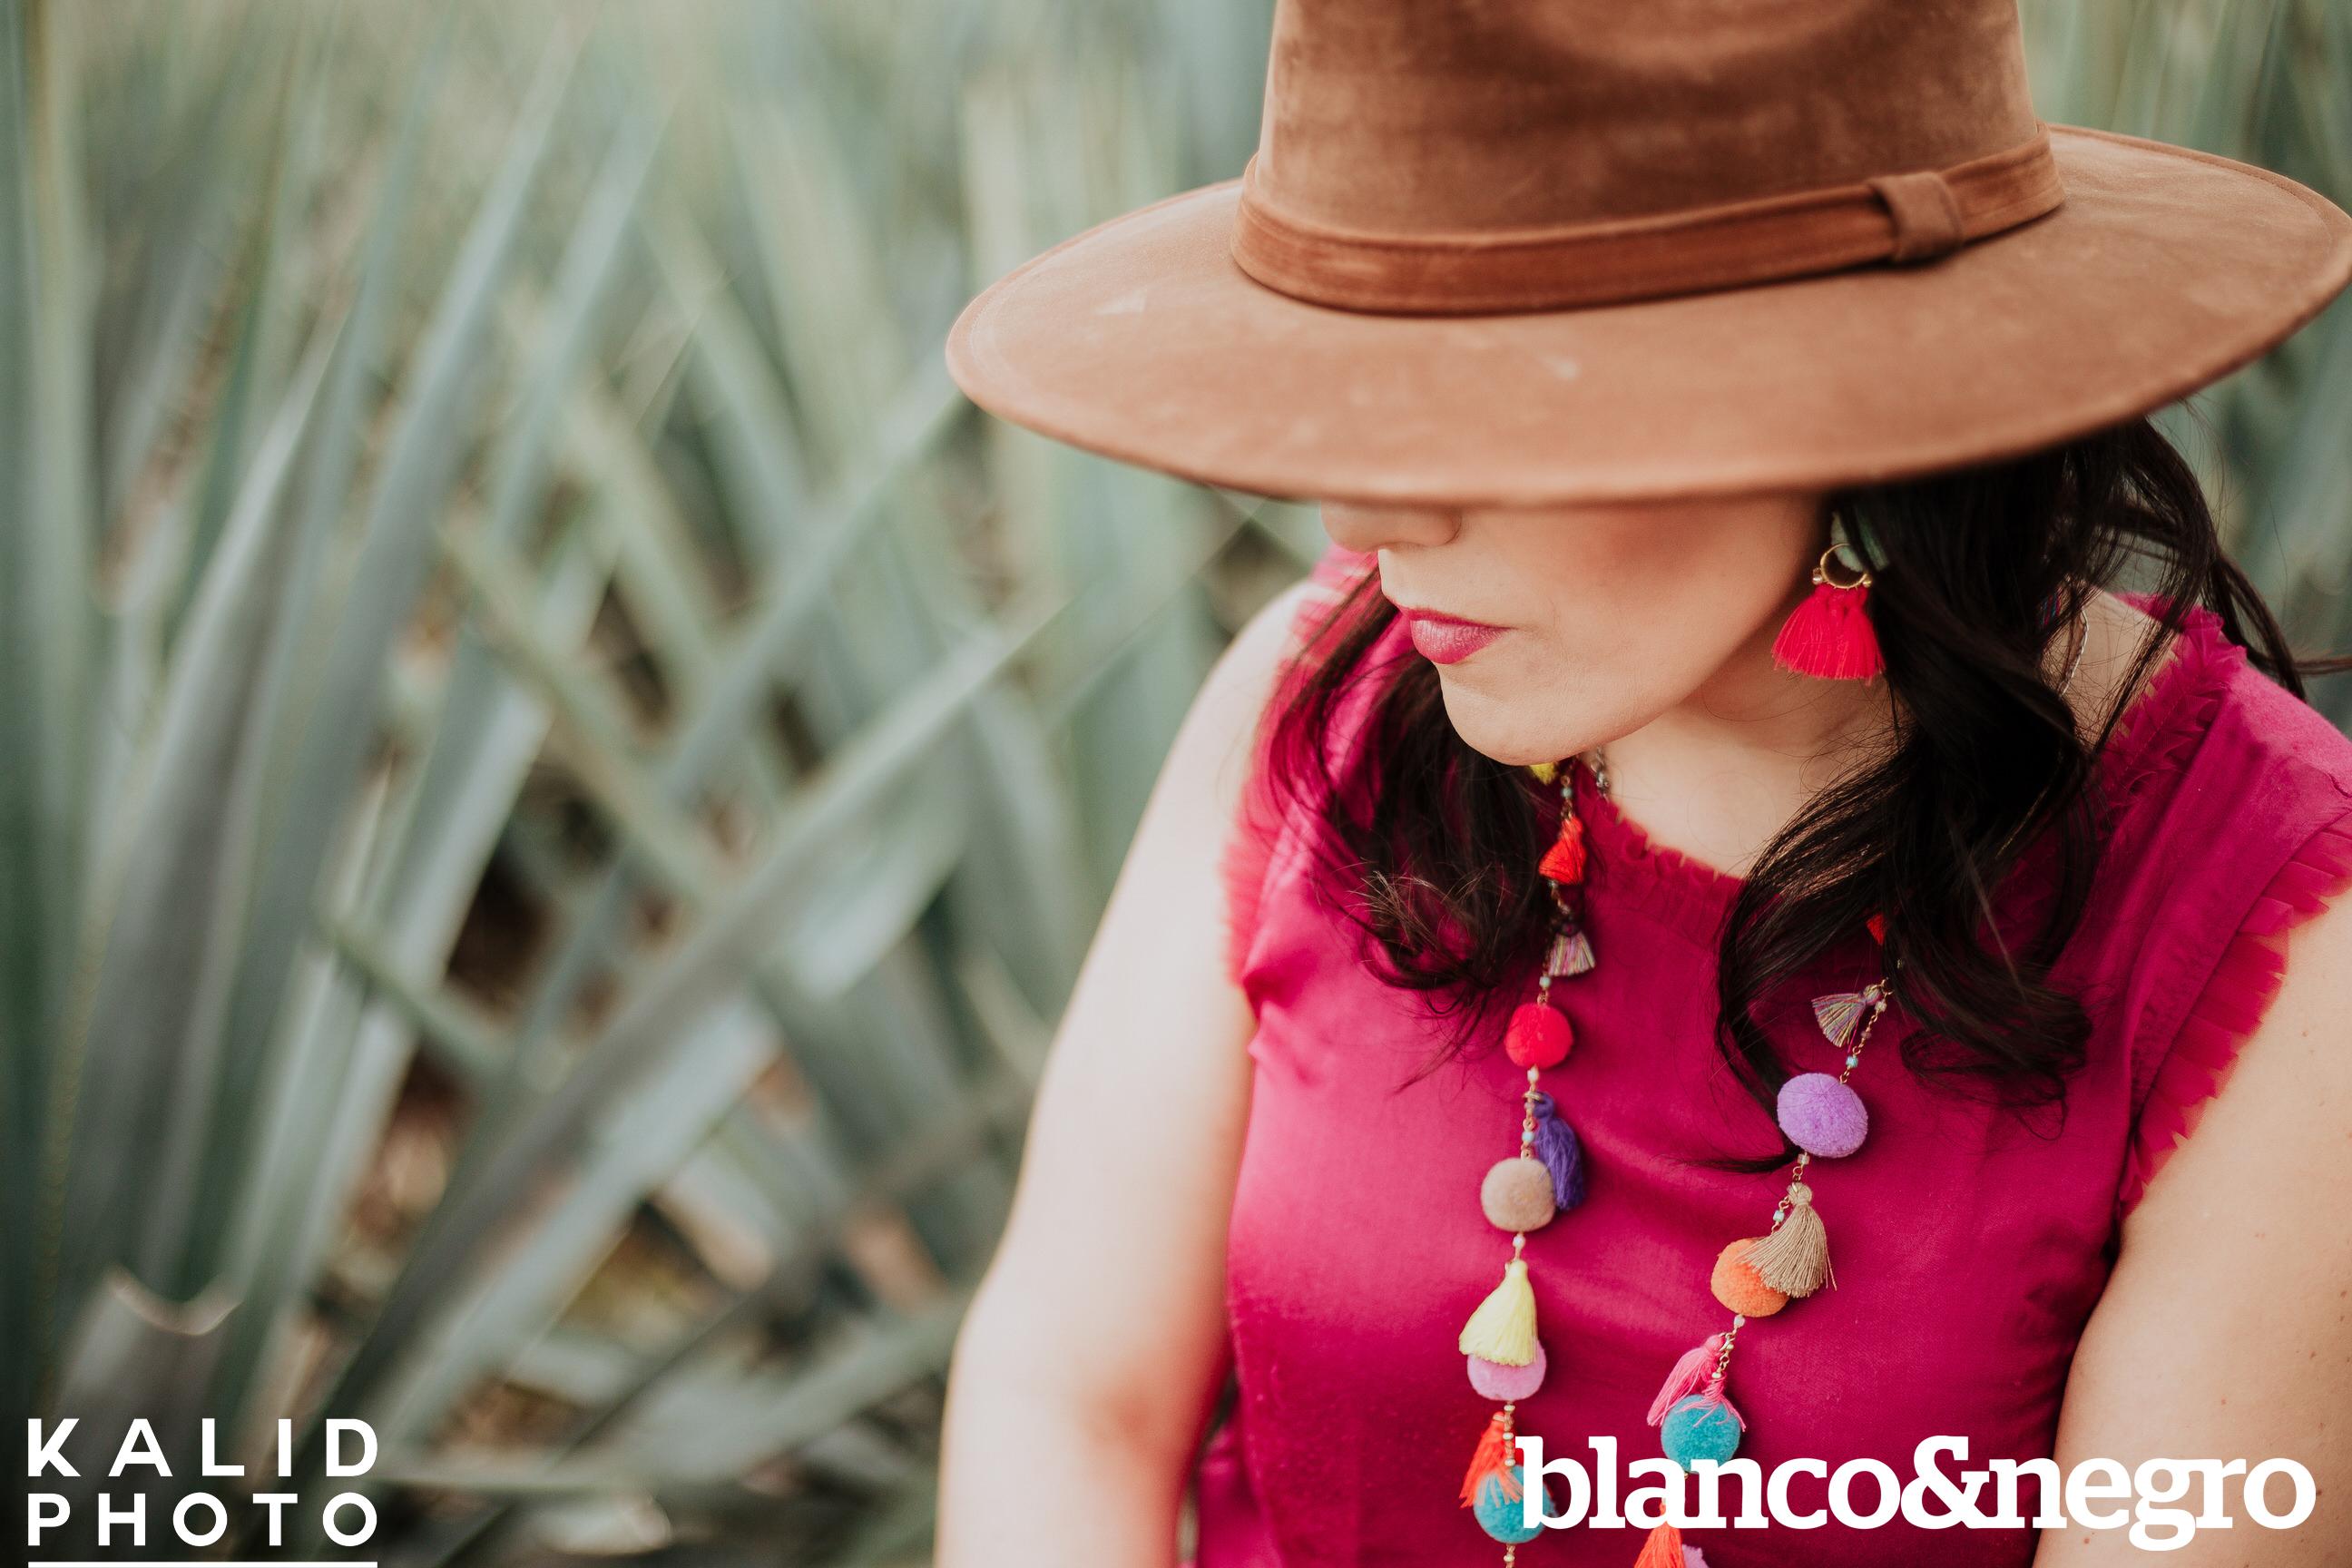 Mayra-BlancoYnegro-473